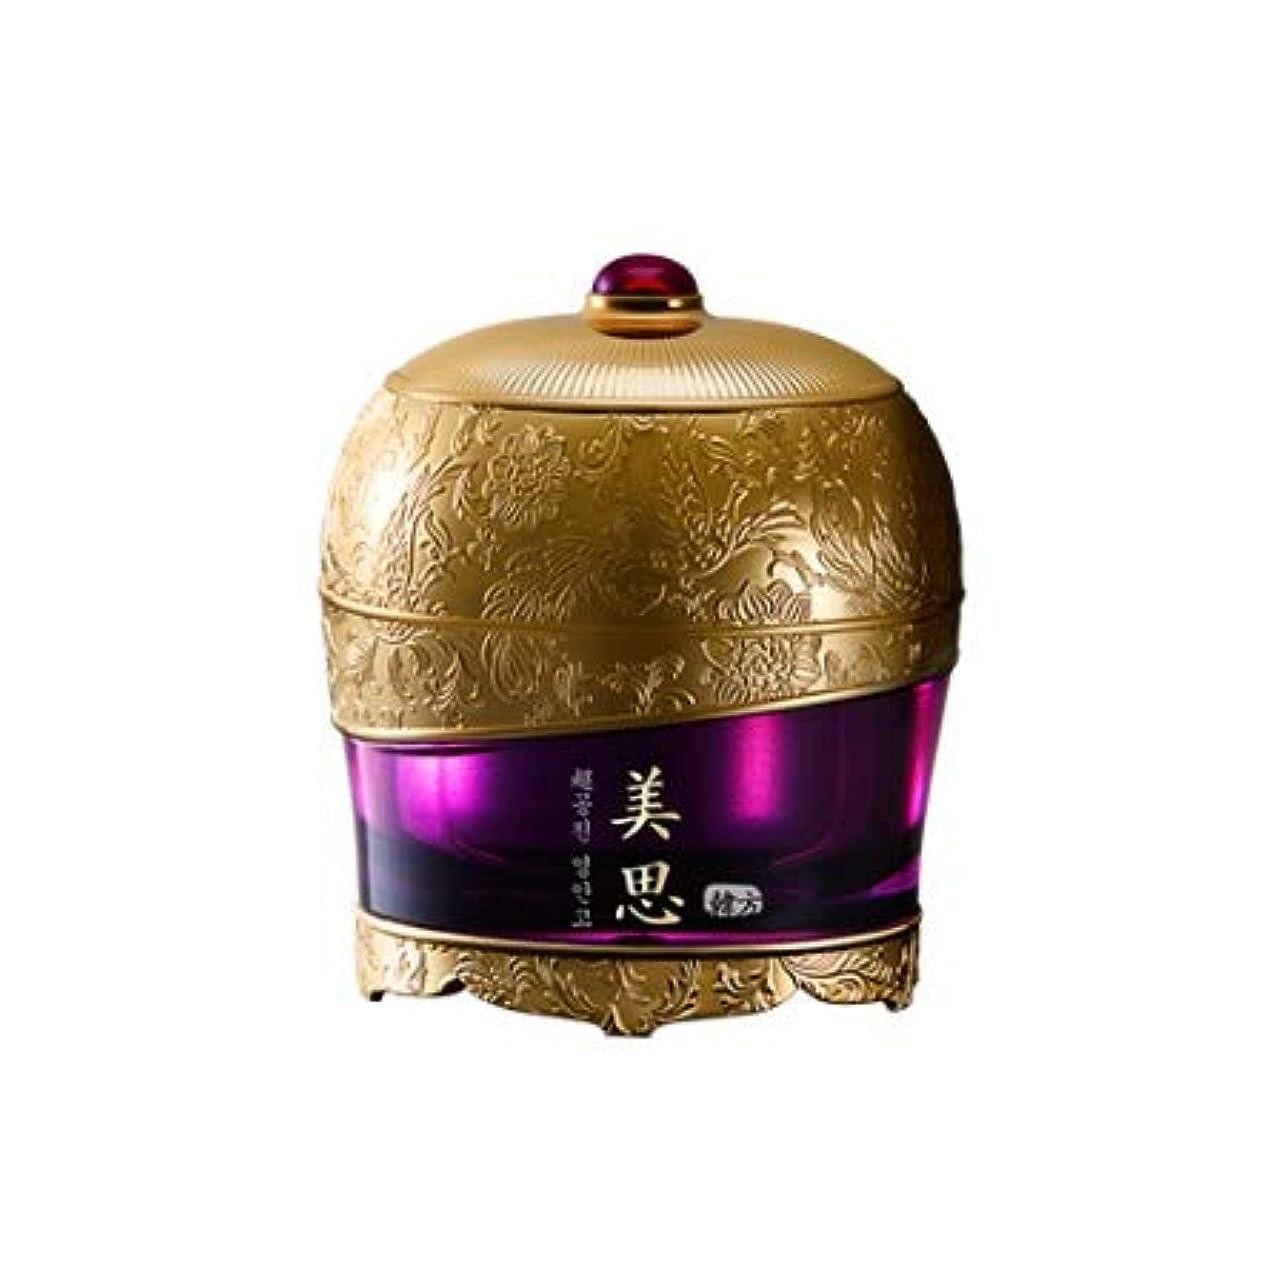 化粧チート行商MISSHA Chogongjin Premium cream ミシャ美思超拱辰(チョゴンジン) 永安膏 クリーム クリーム 60ml [並行輸入品]